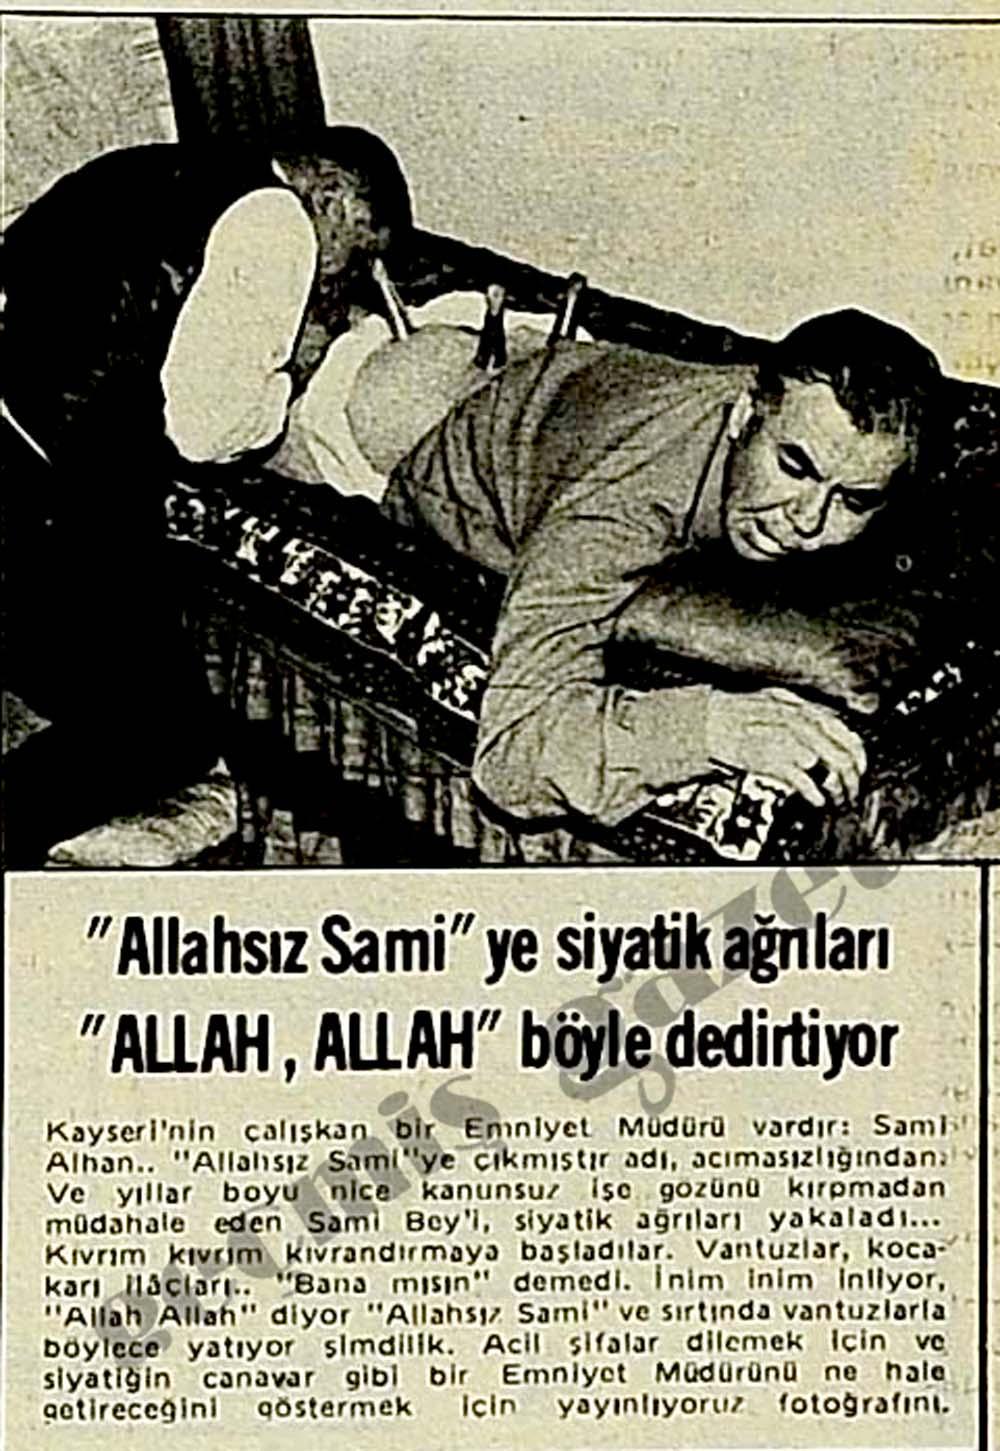 """""""Allahsız Sami""""ye siyatik ağrıları """"ALLAH, ALLAH"""" böyle dedirtiyor"""